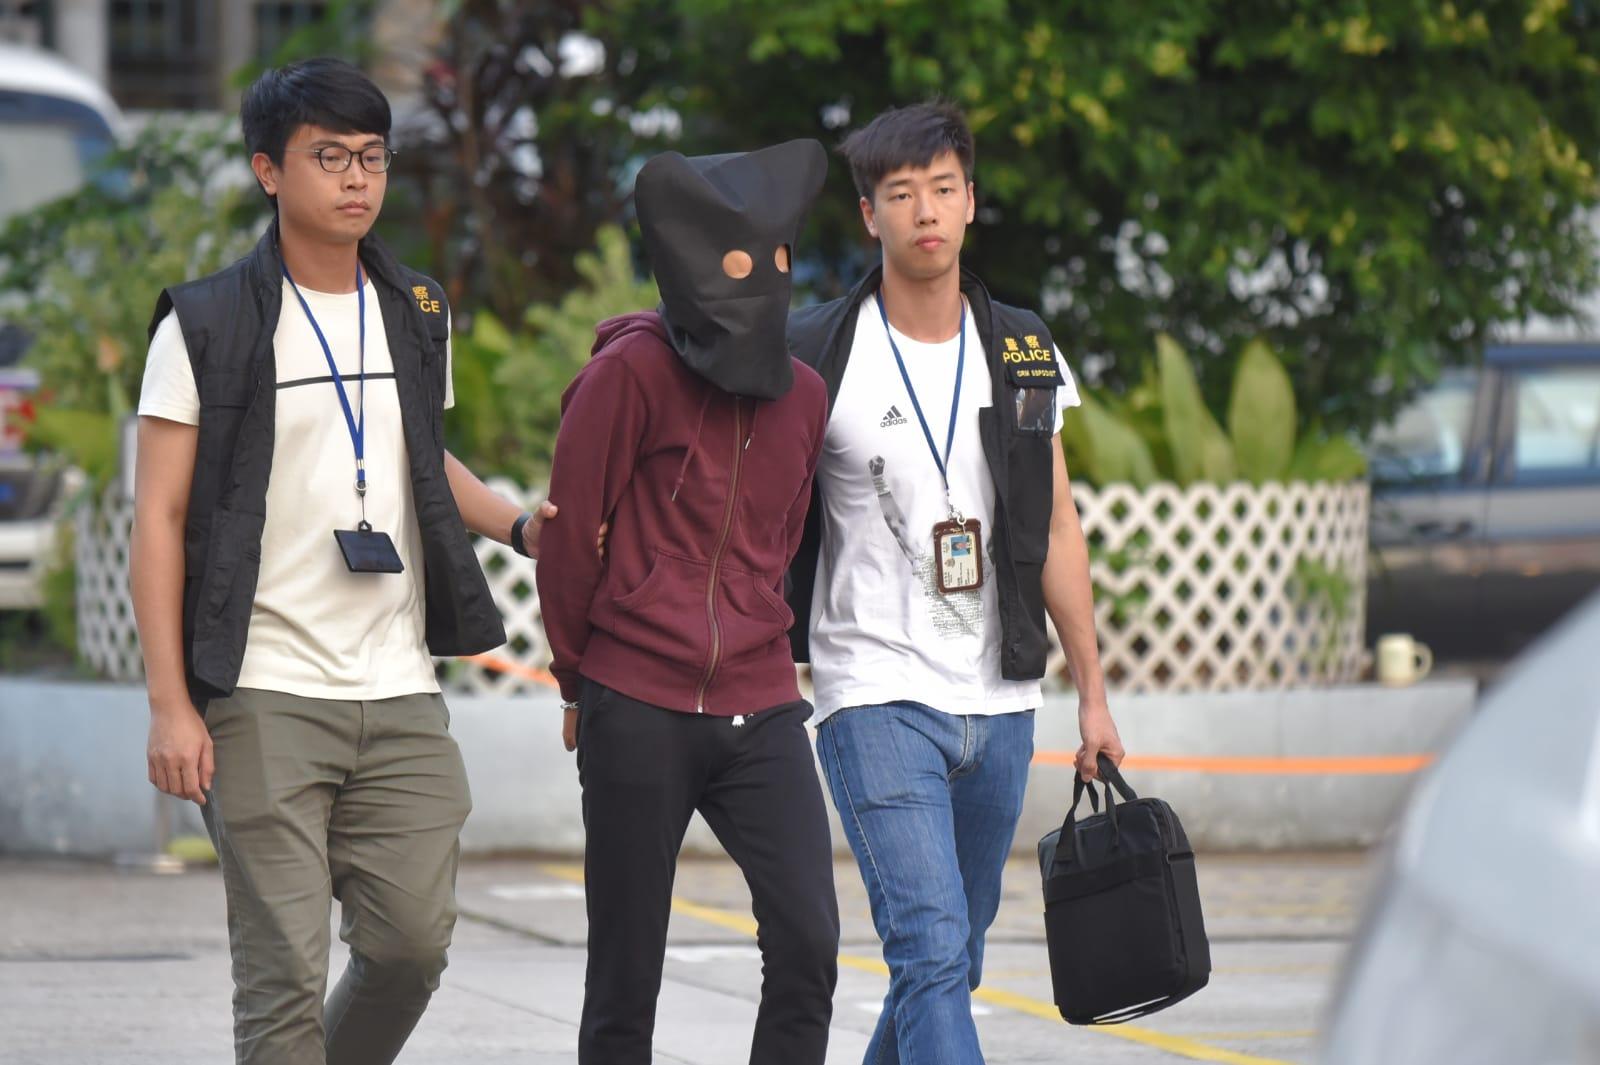 24歲男子被捕